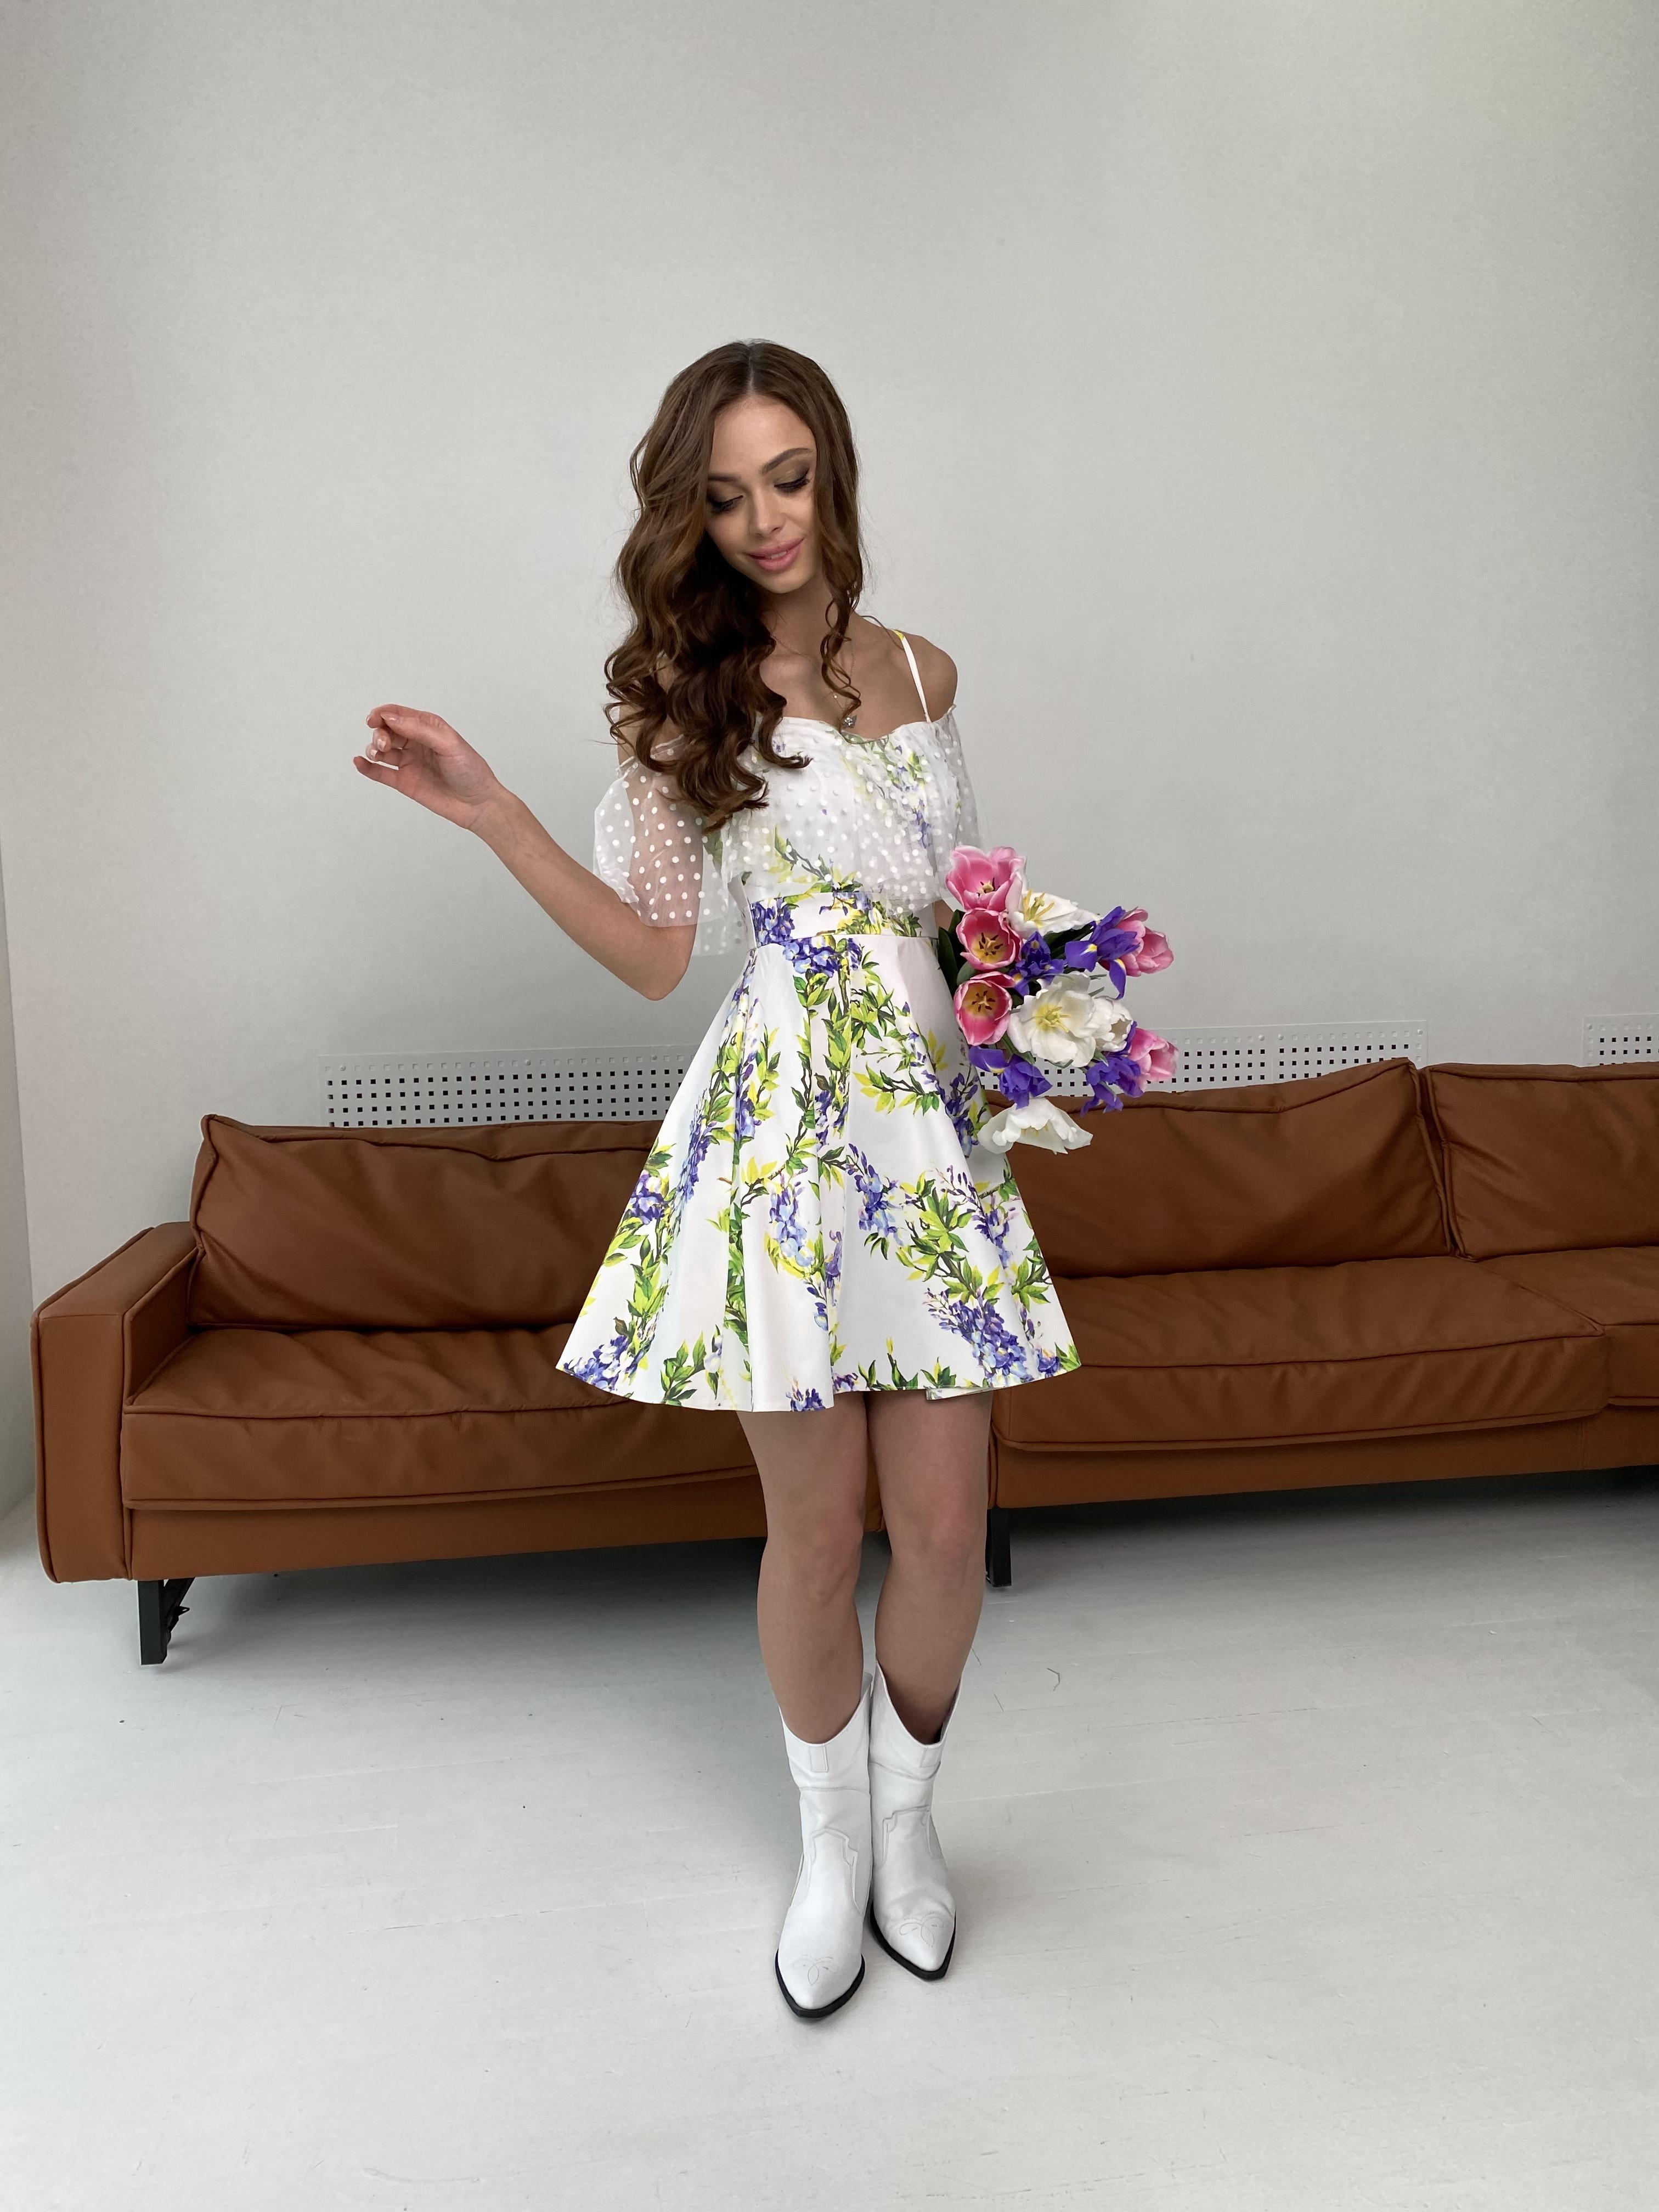 Тори платье из коттона с принтом 7189 АРТ. 43095 Цвет: Цветы фиолет/молоко - фото 6, интернет магазин tm-modus.ru